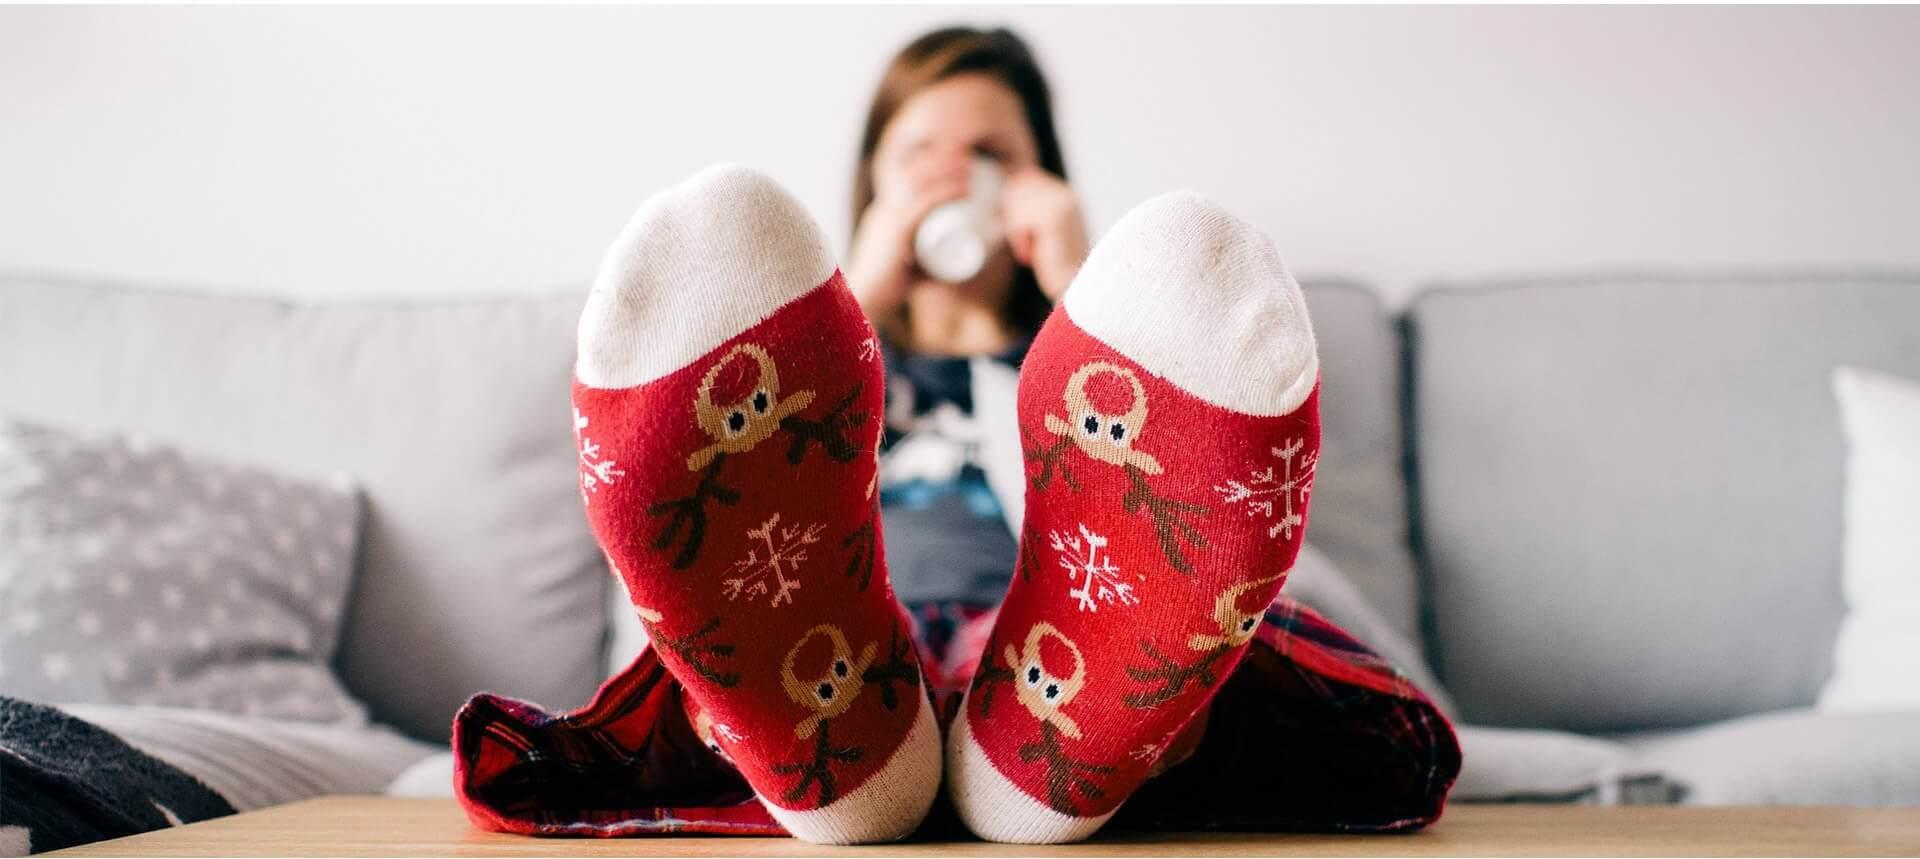 Fußreflexzonenmassage gegen kalte Füße